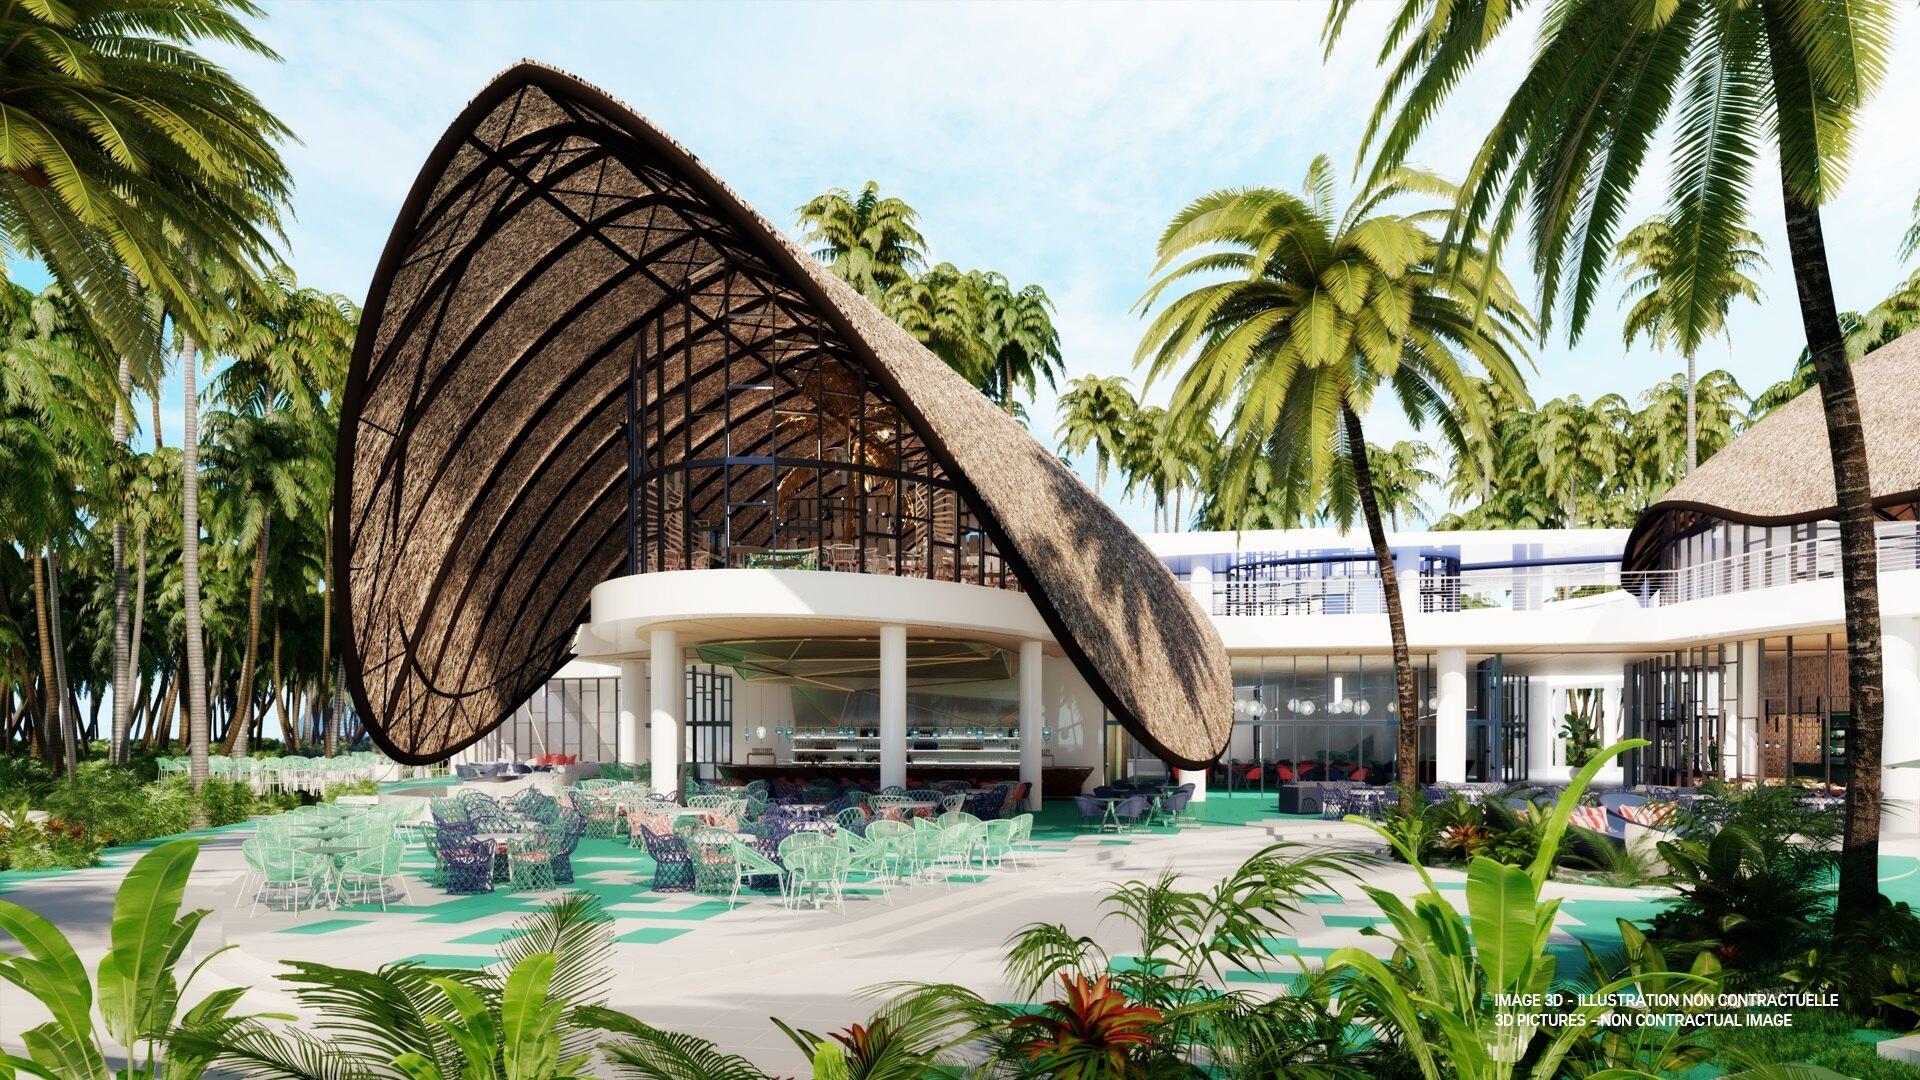 Club Med confirma abrirá su hotel de lujo de Miches en noviembre